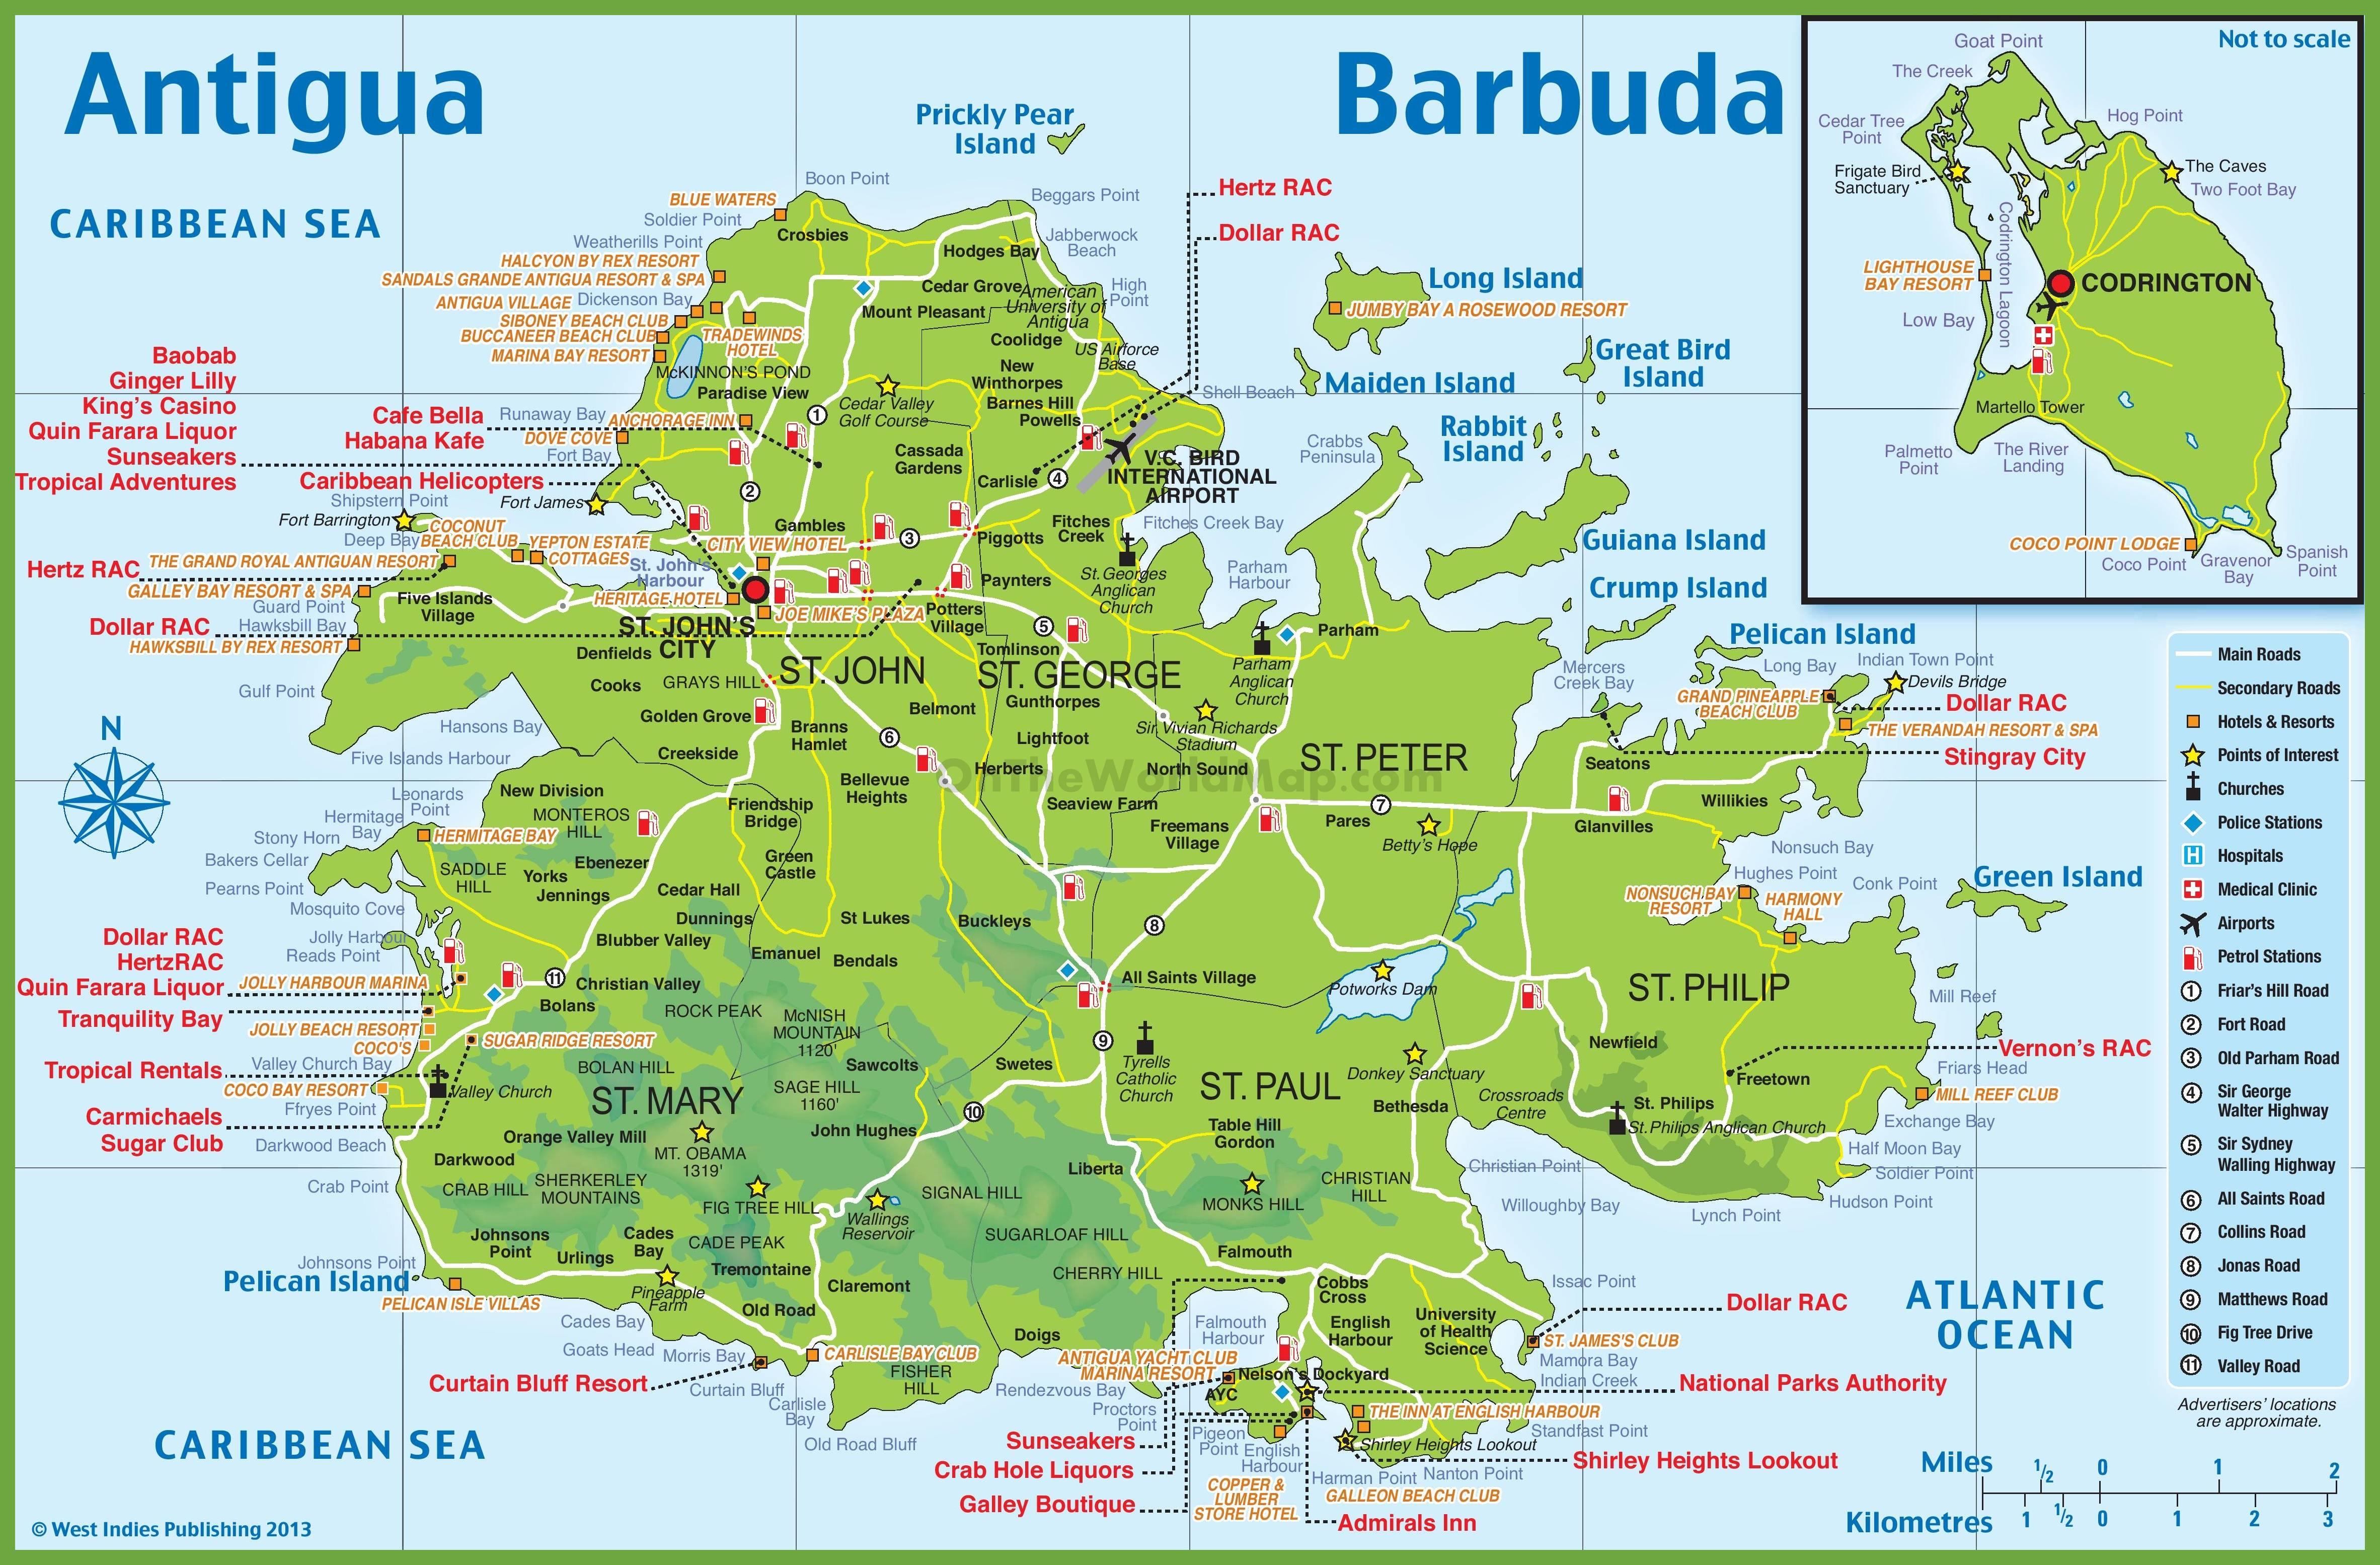 Carte d'Antigua et Barbuda   Plusieurs cartes du pays en Amérique